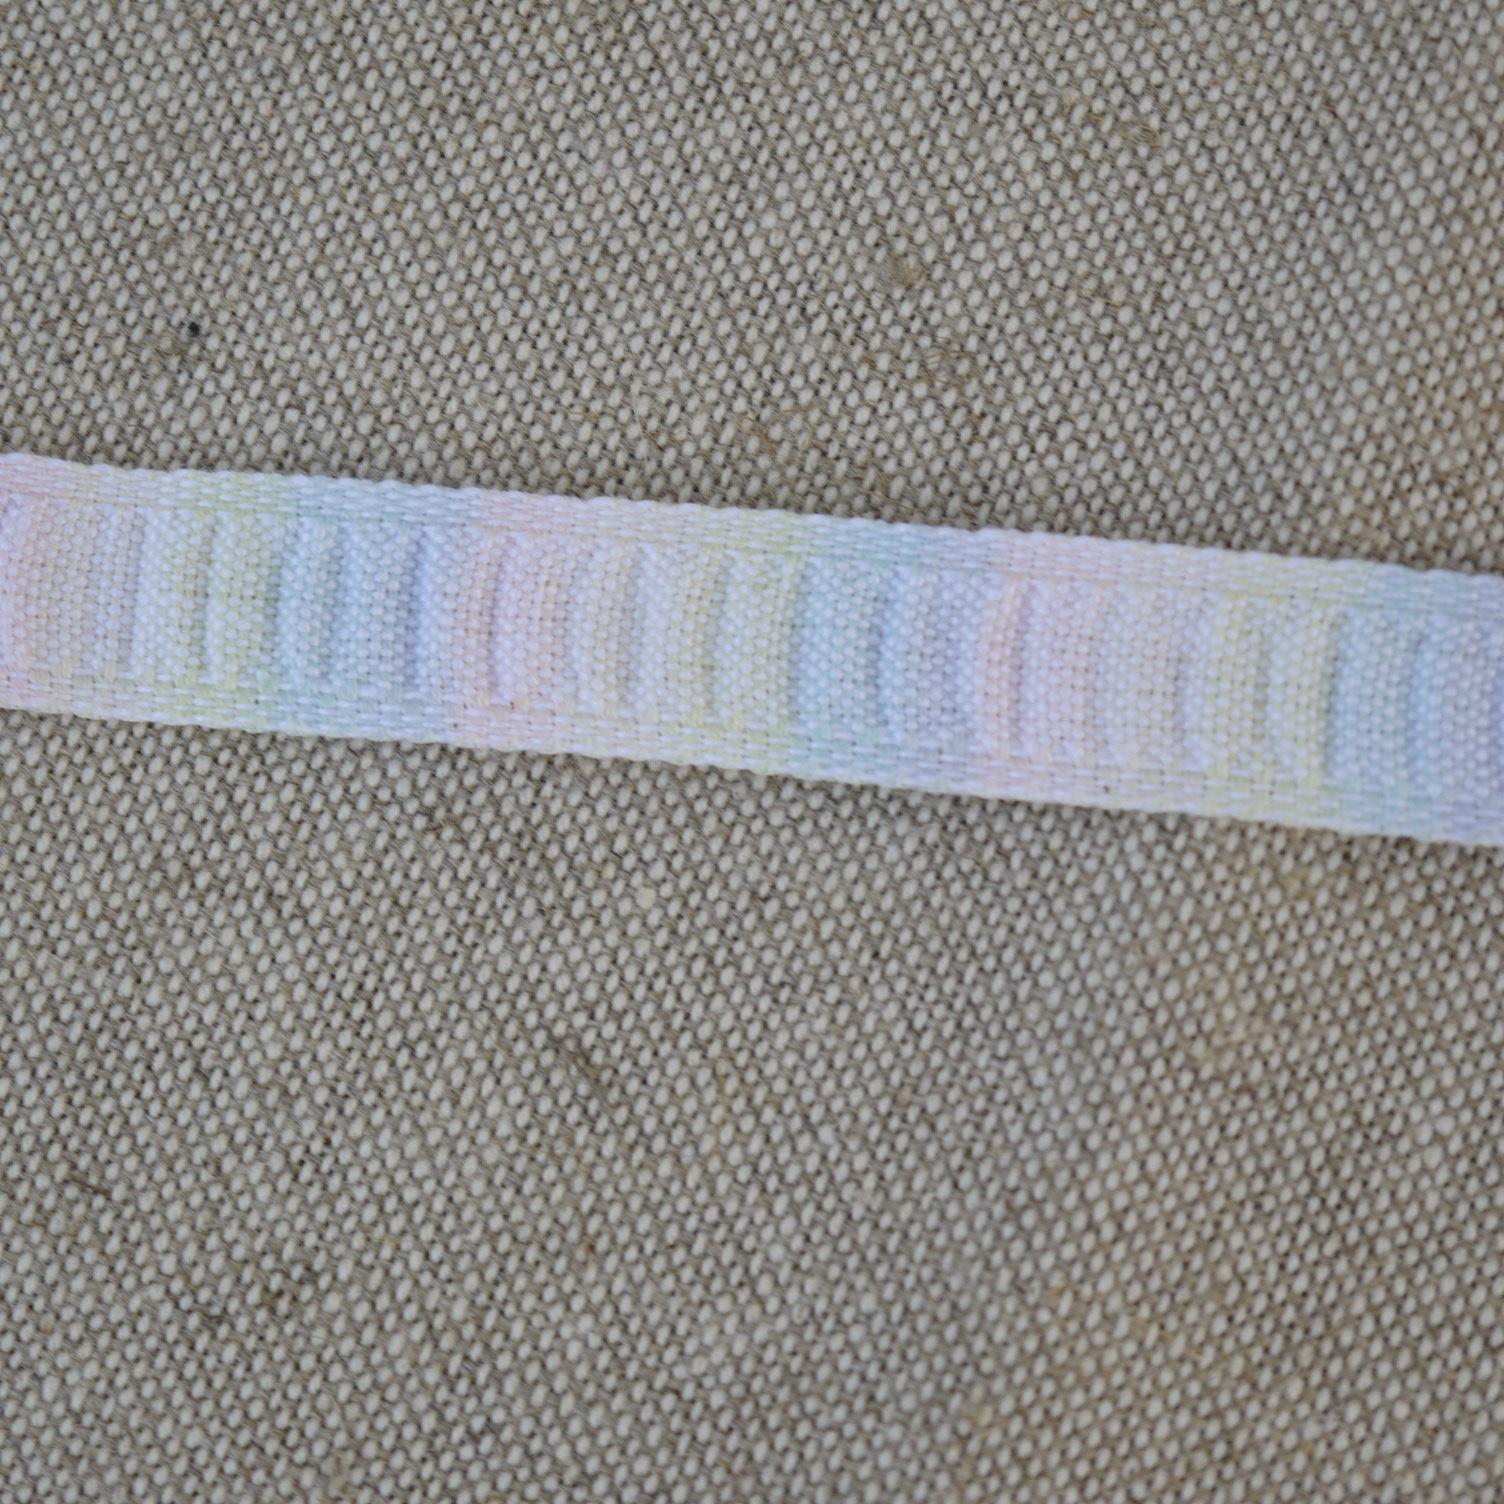 borte band multifarbe blau gelb rosa 1 5cm breit preis pro meter retro deko. Black Bedroom Furniture Sets. Home Design Ideas